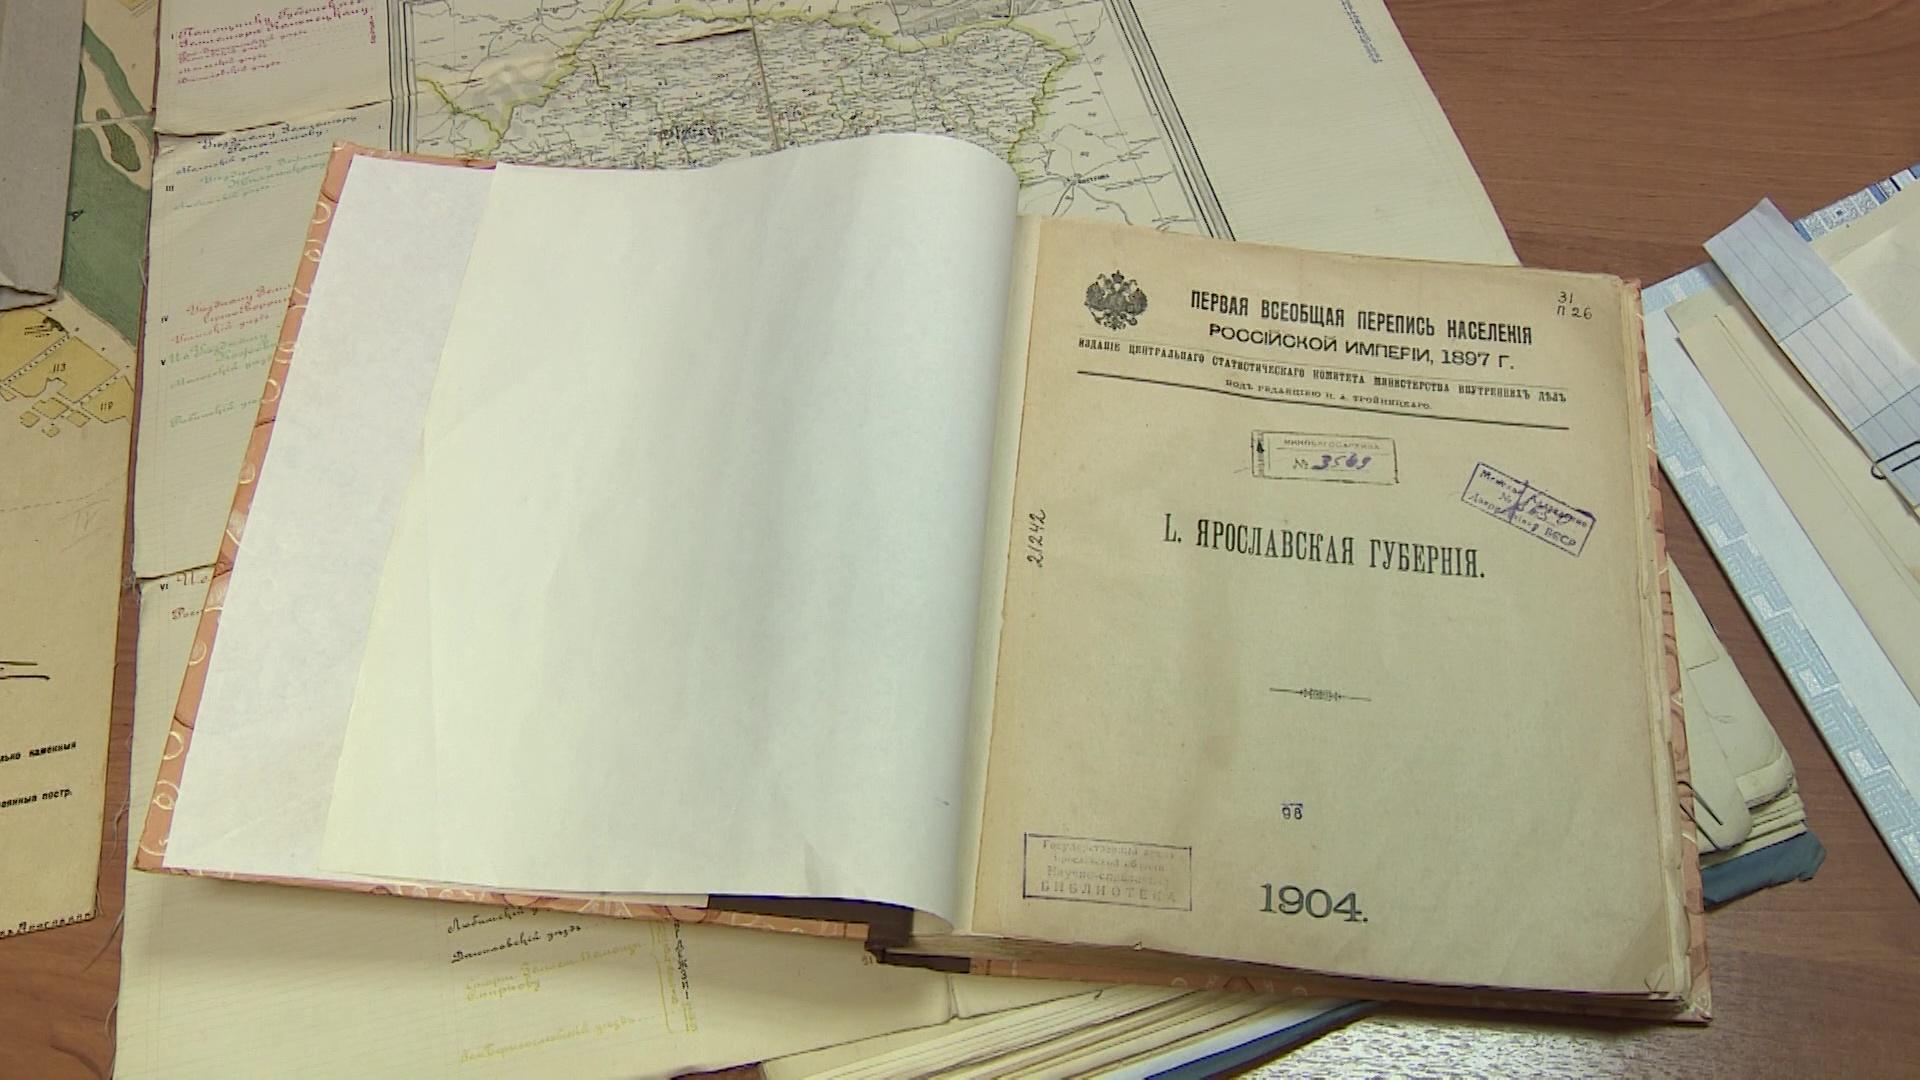 В областном архиве представили оригиналы переписных листов со 120-летней историей